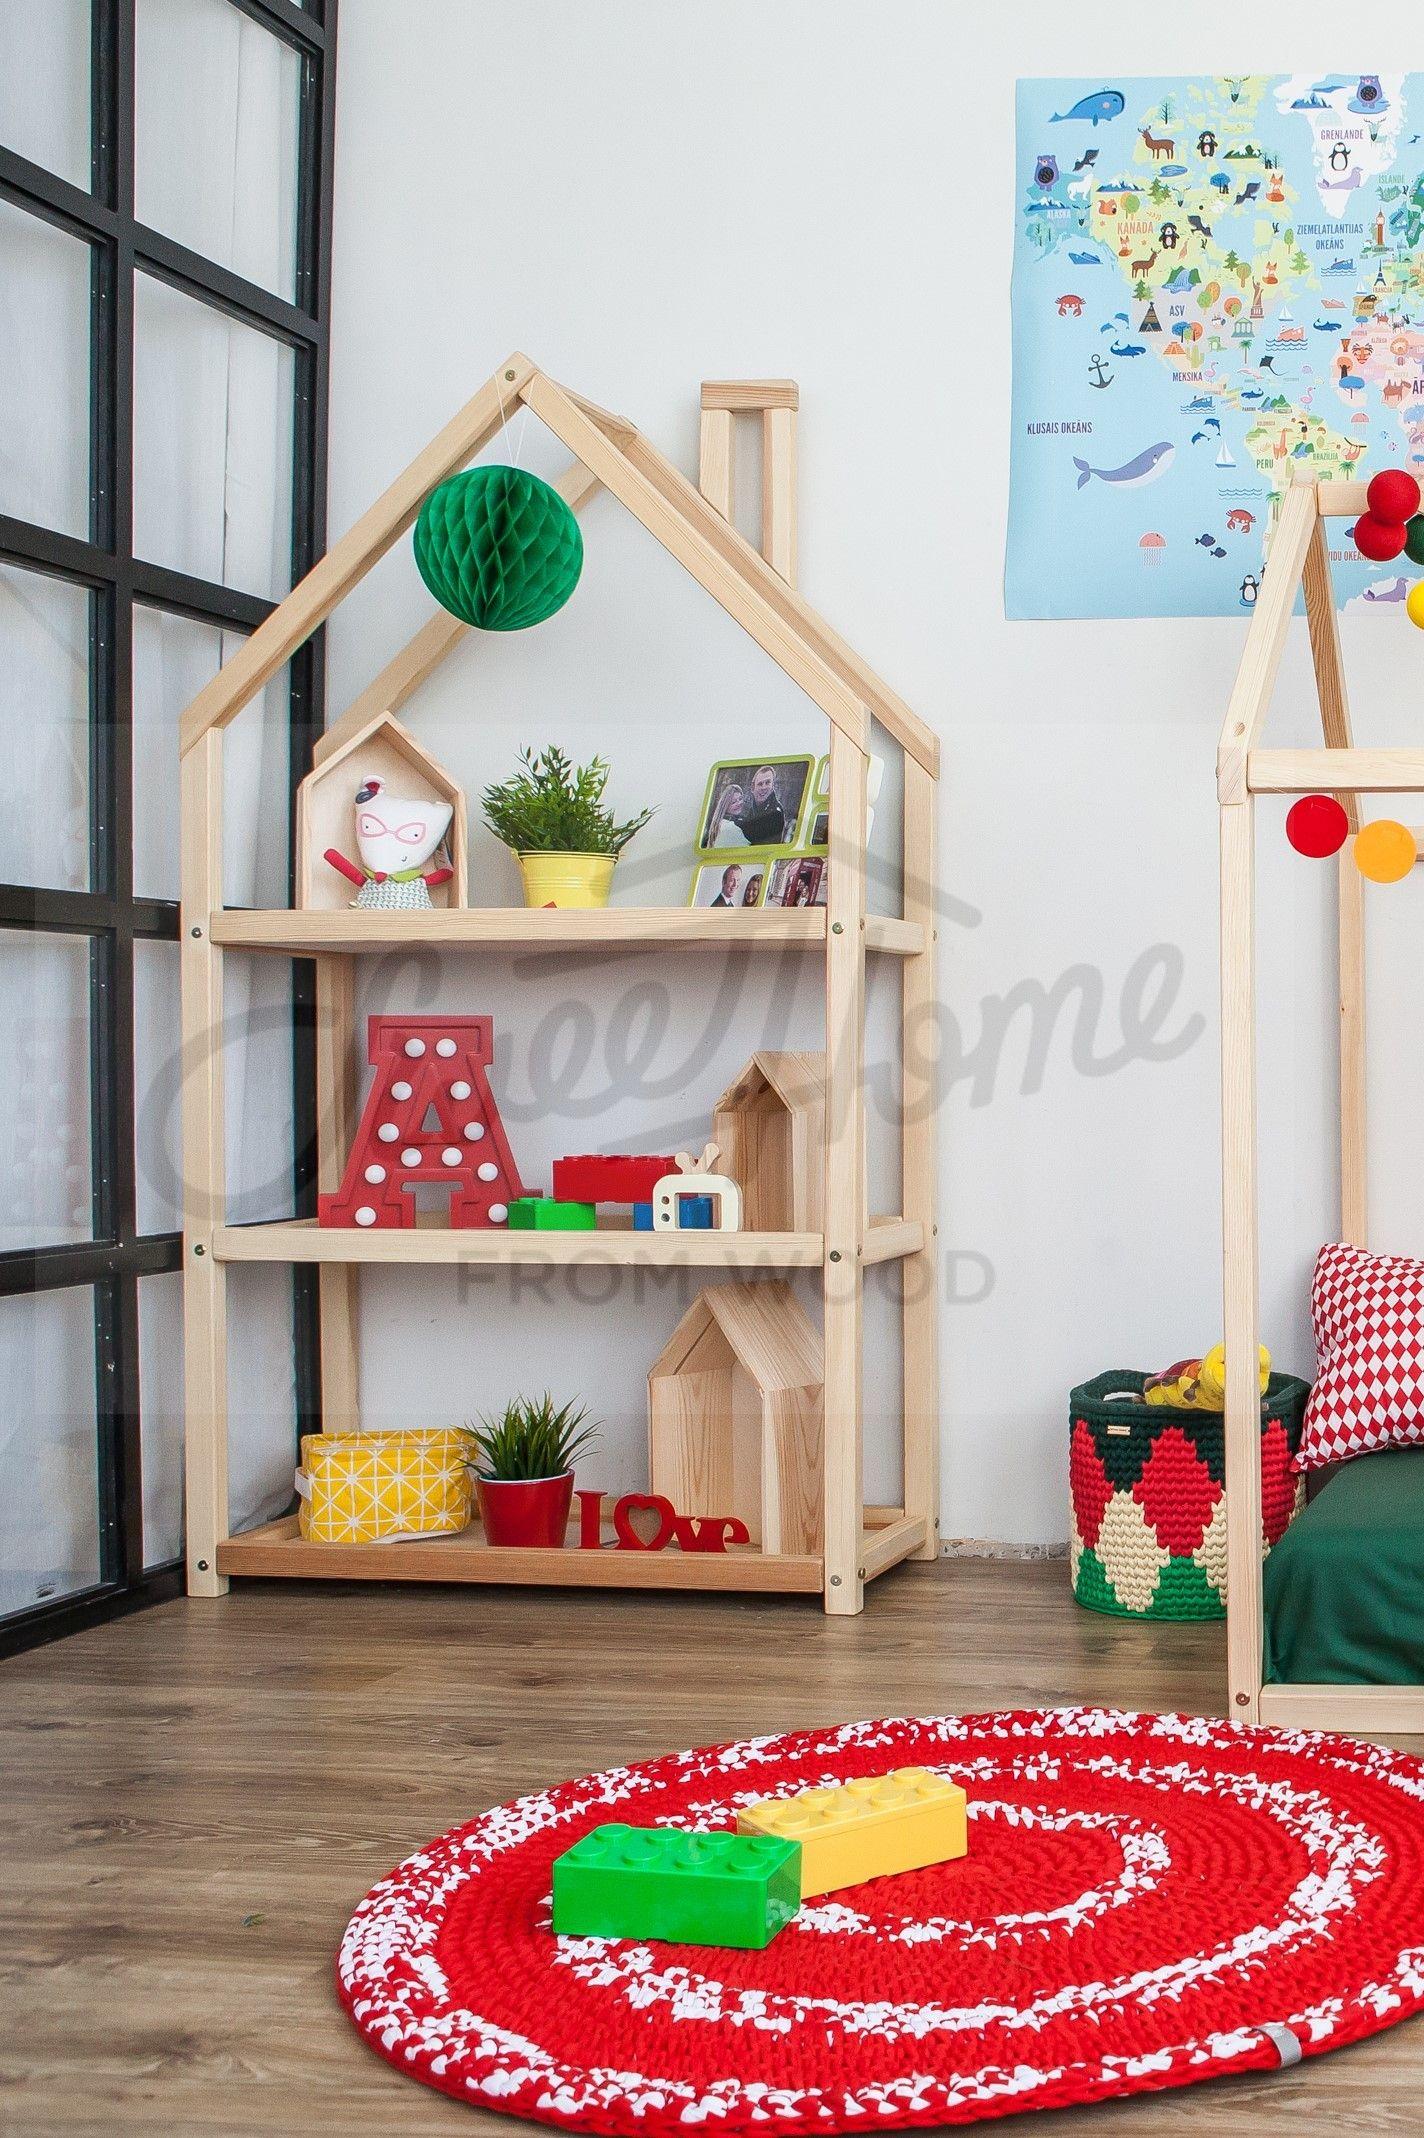 Kids Bedroom House Shaped Shelf Or Wooden House Shelf Nursery